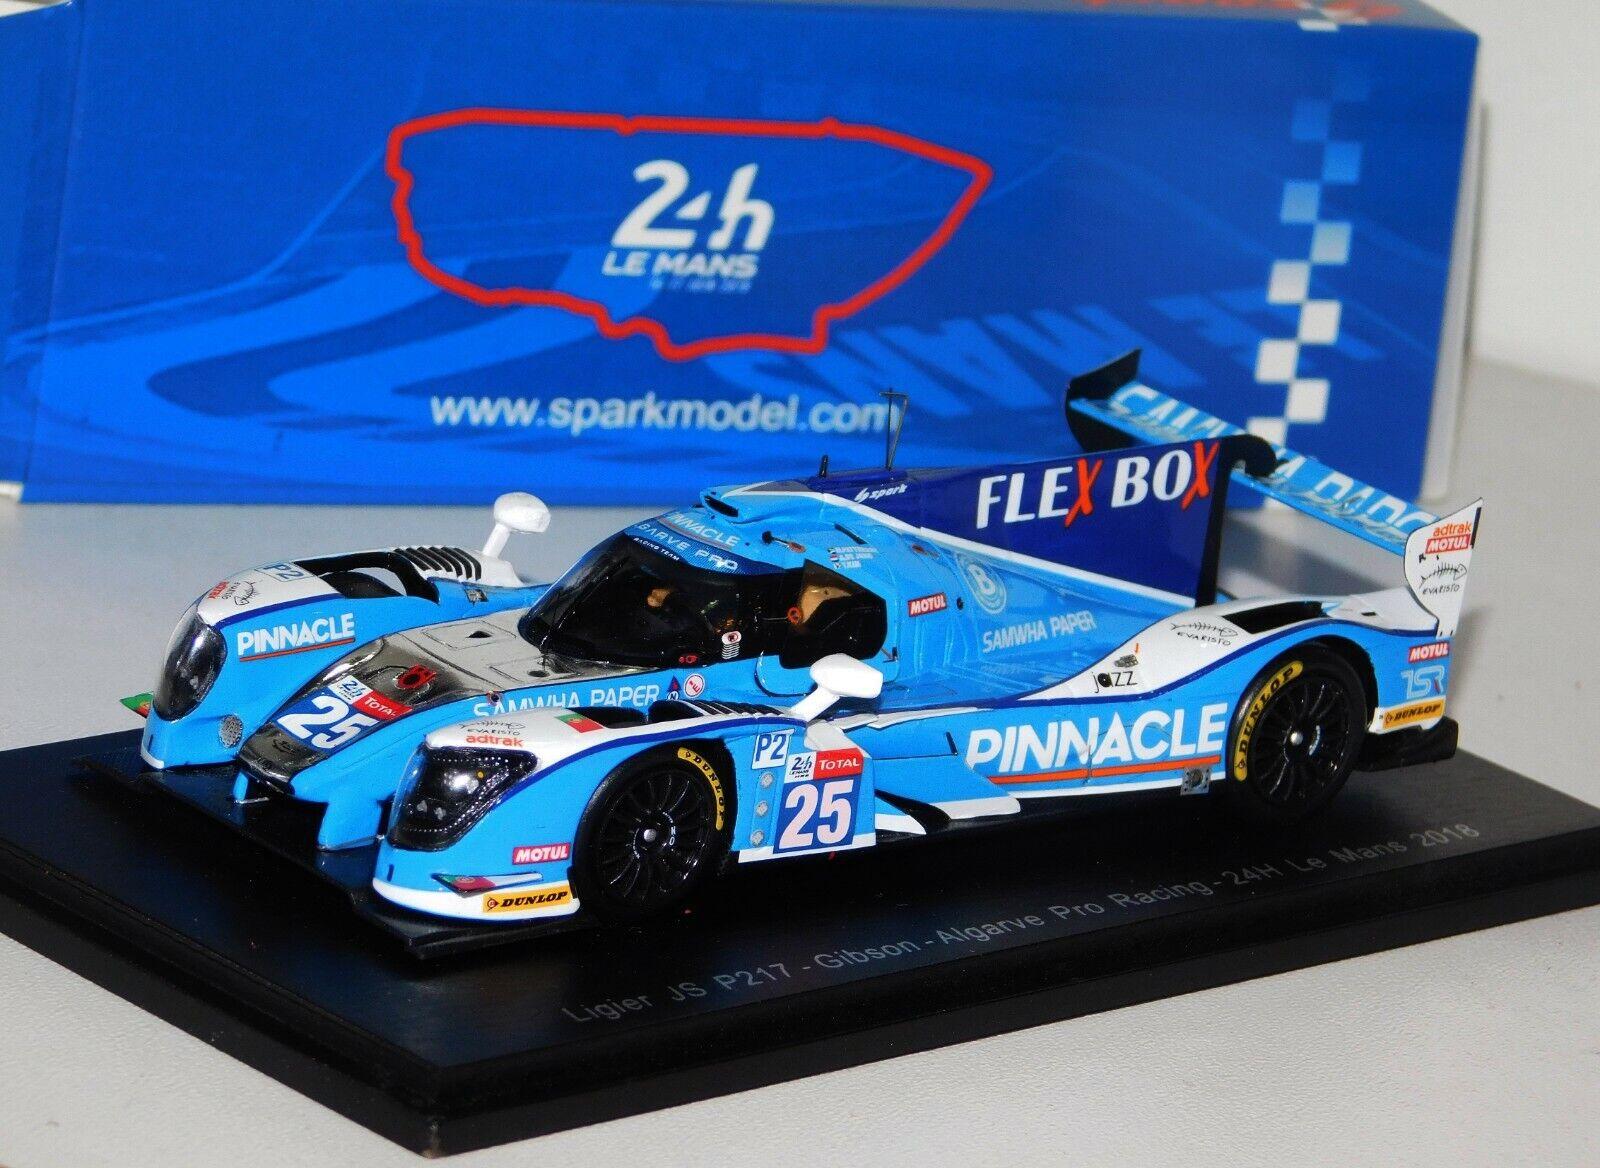 LIGIER JS P217 Gibson algavre Pro Racing  25 Le Mans 2018 Spark S7012 1 43